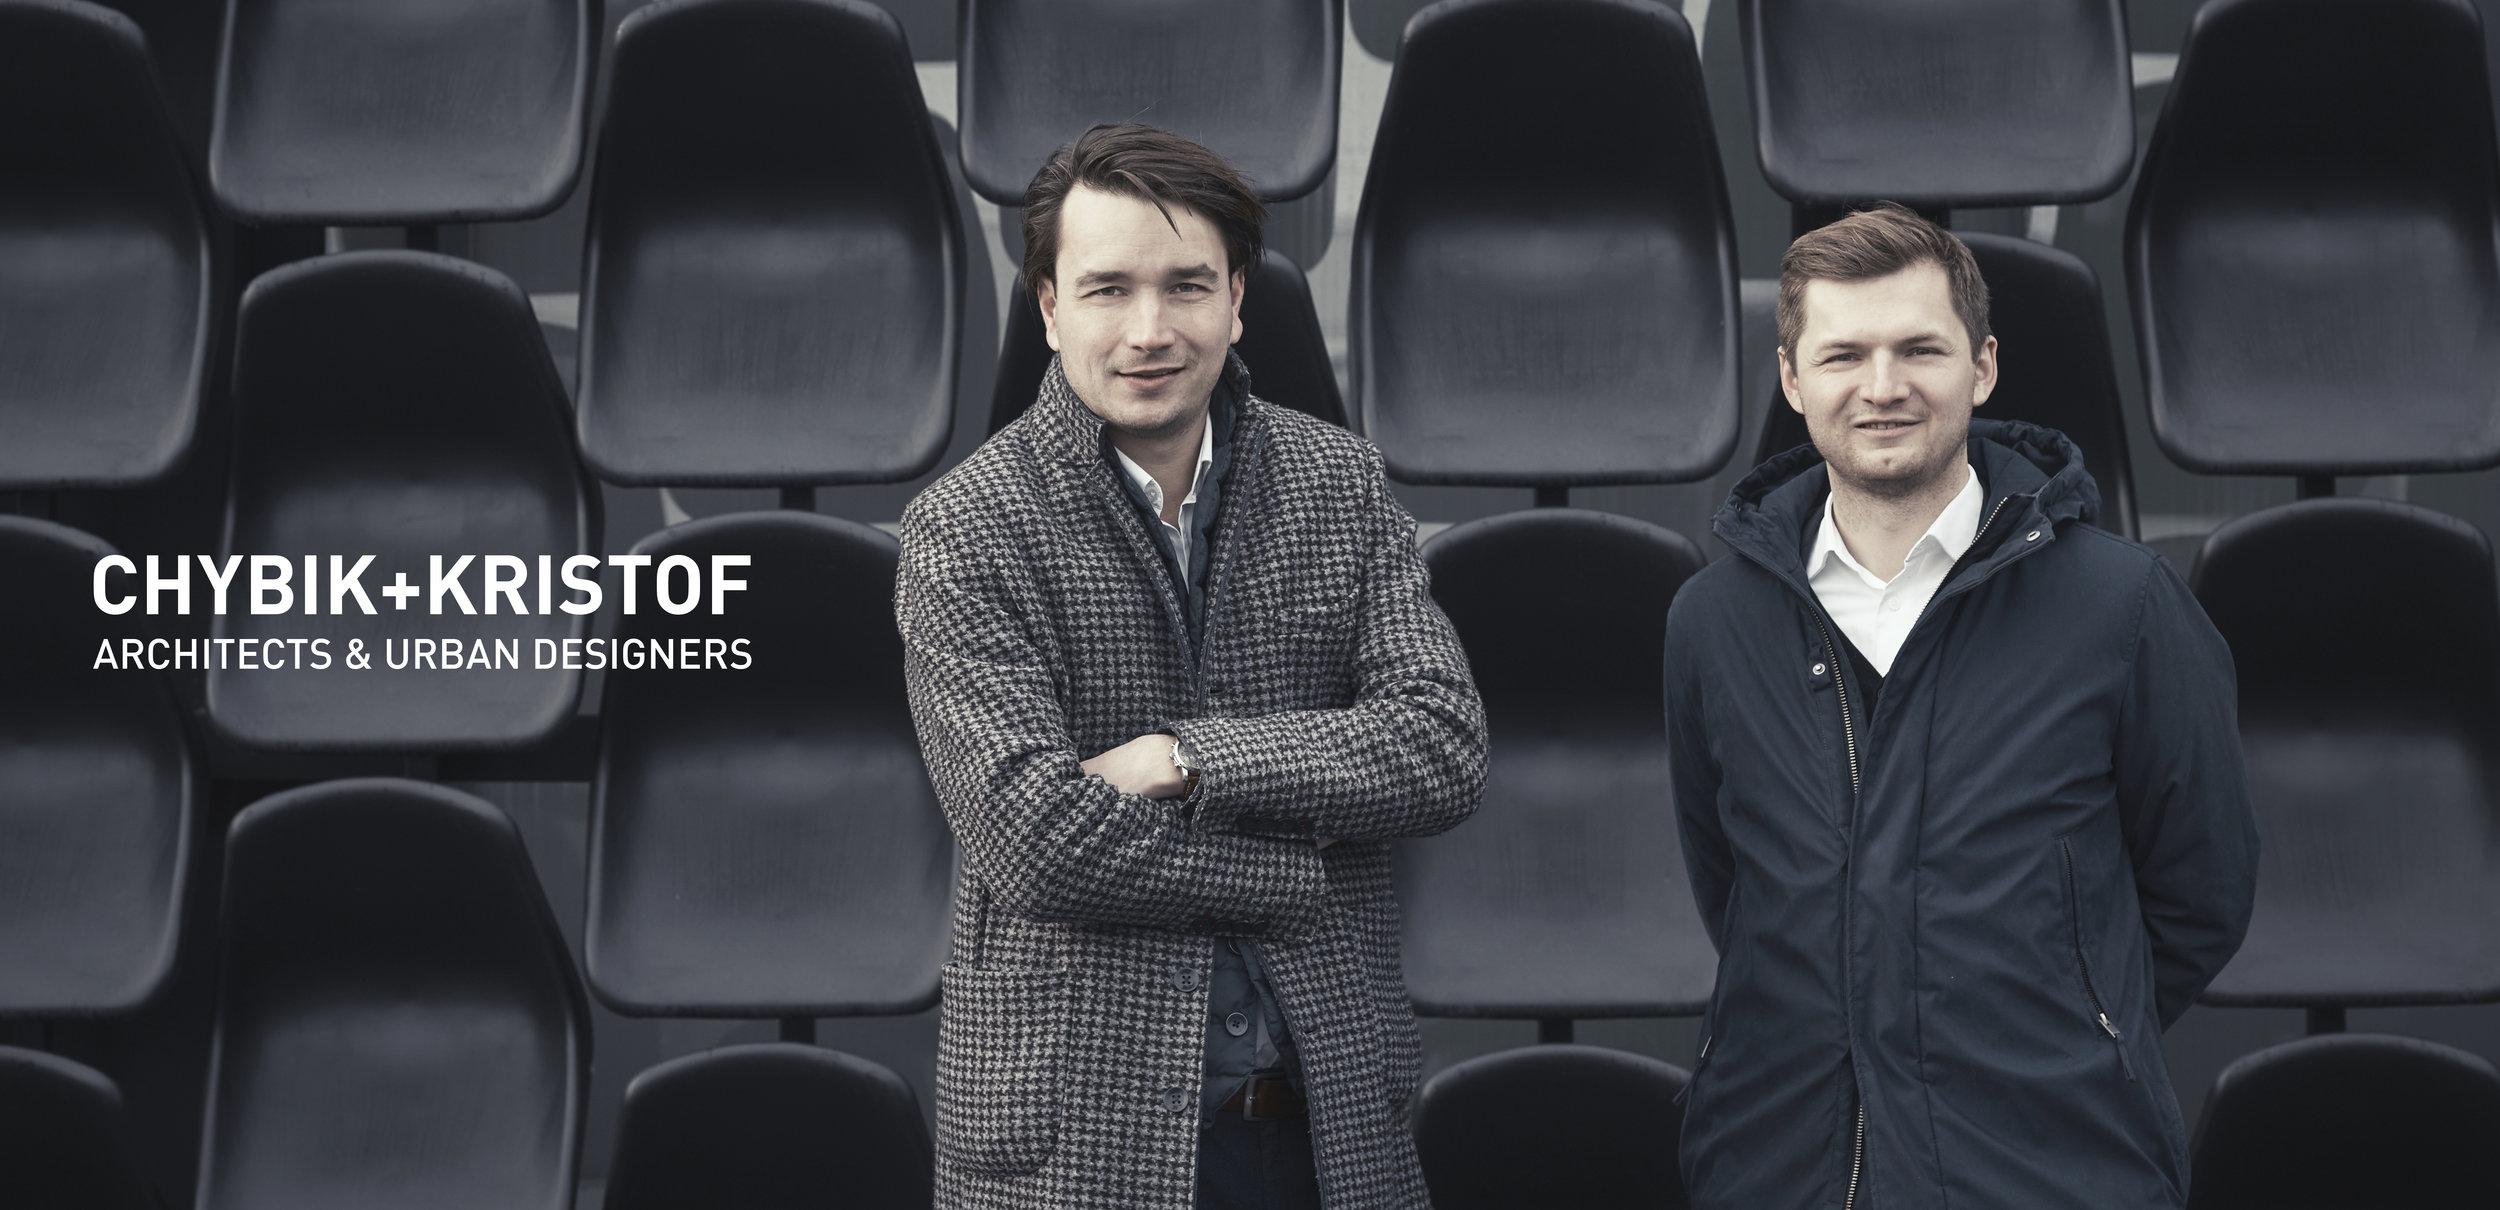 Image: Courtesy of KIVA photography, Ondřej Chybík (left) and Michal Krištof (right).